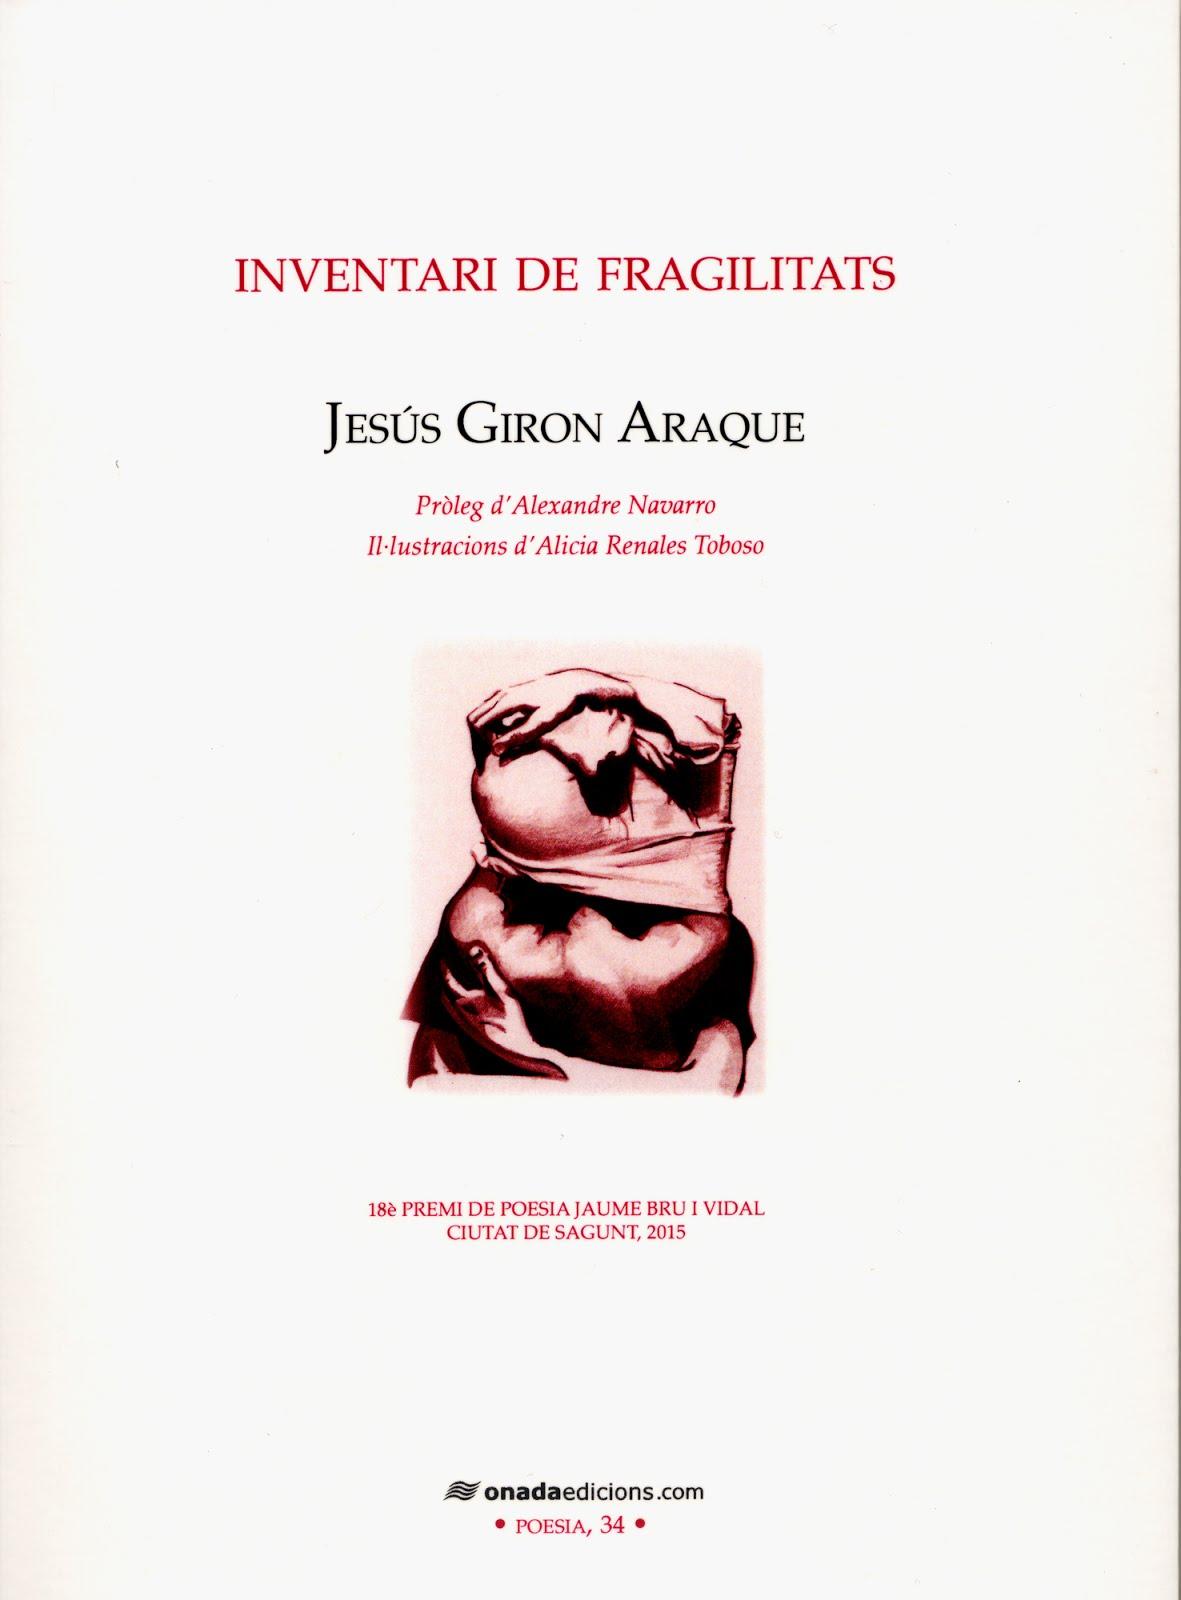 INVENTARI DE FRAGILITATS